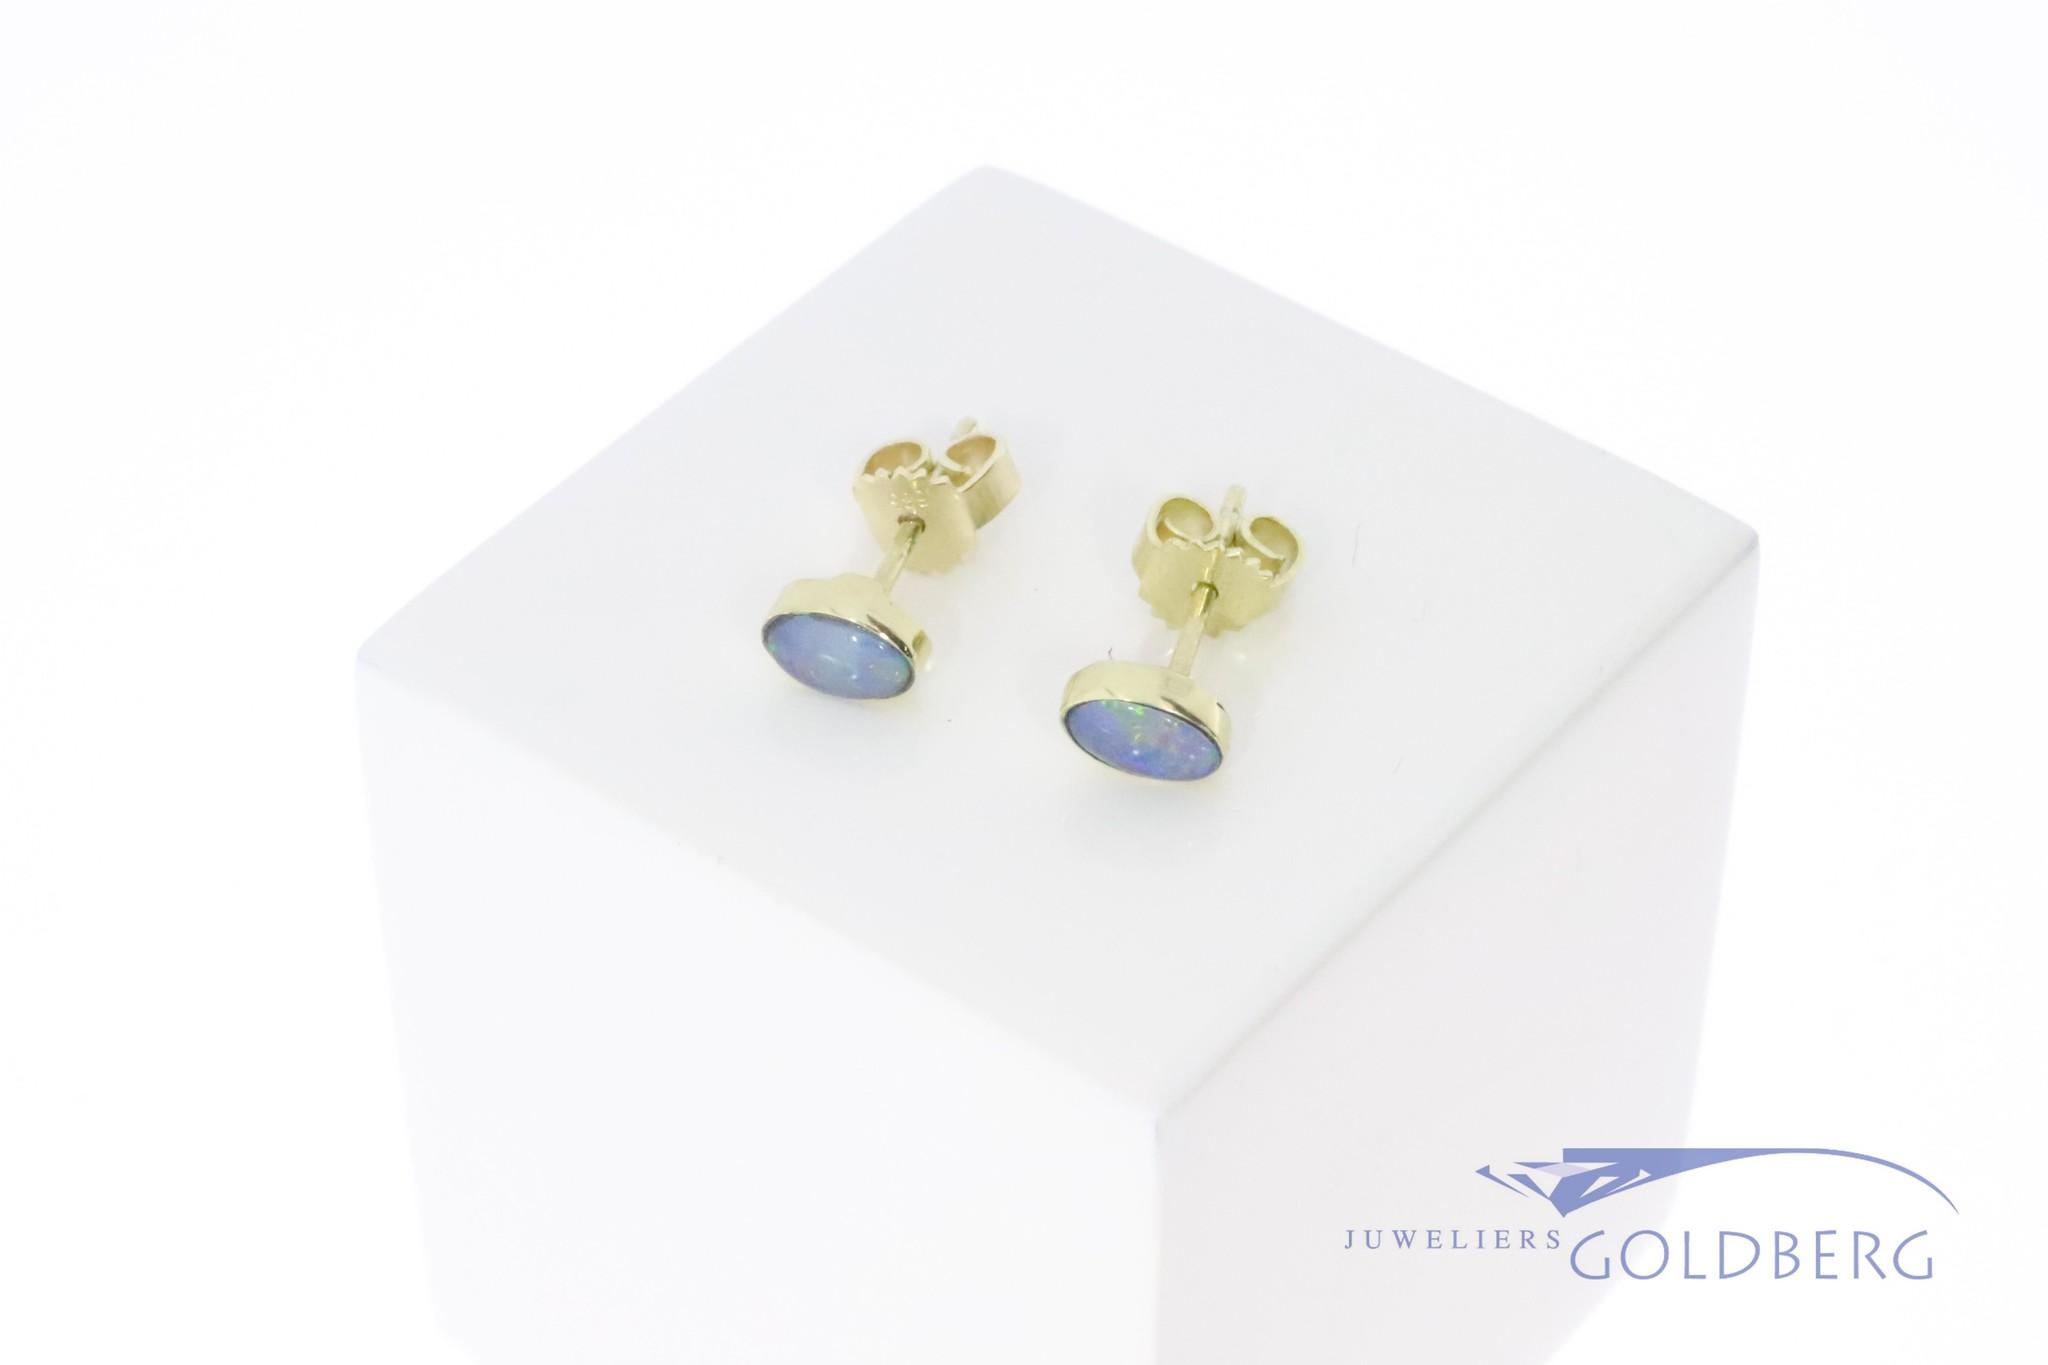 14k gouden oorstekers met opaal 6x4mm uit eigen atelier